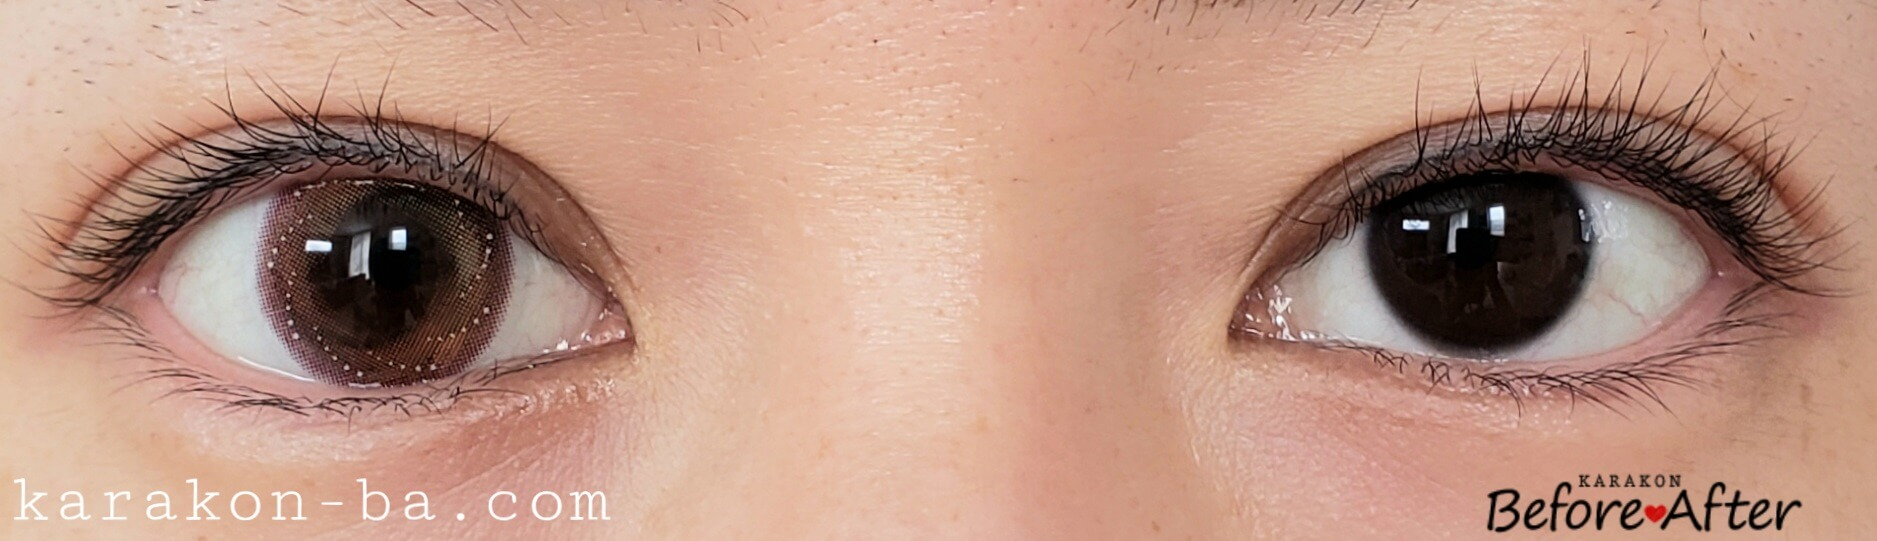 スターリーベージュのカラコン装着画像/裸眼と比較